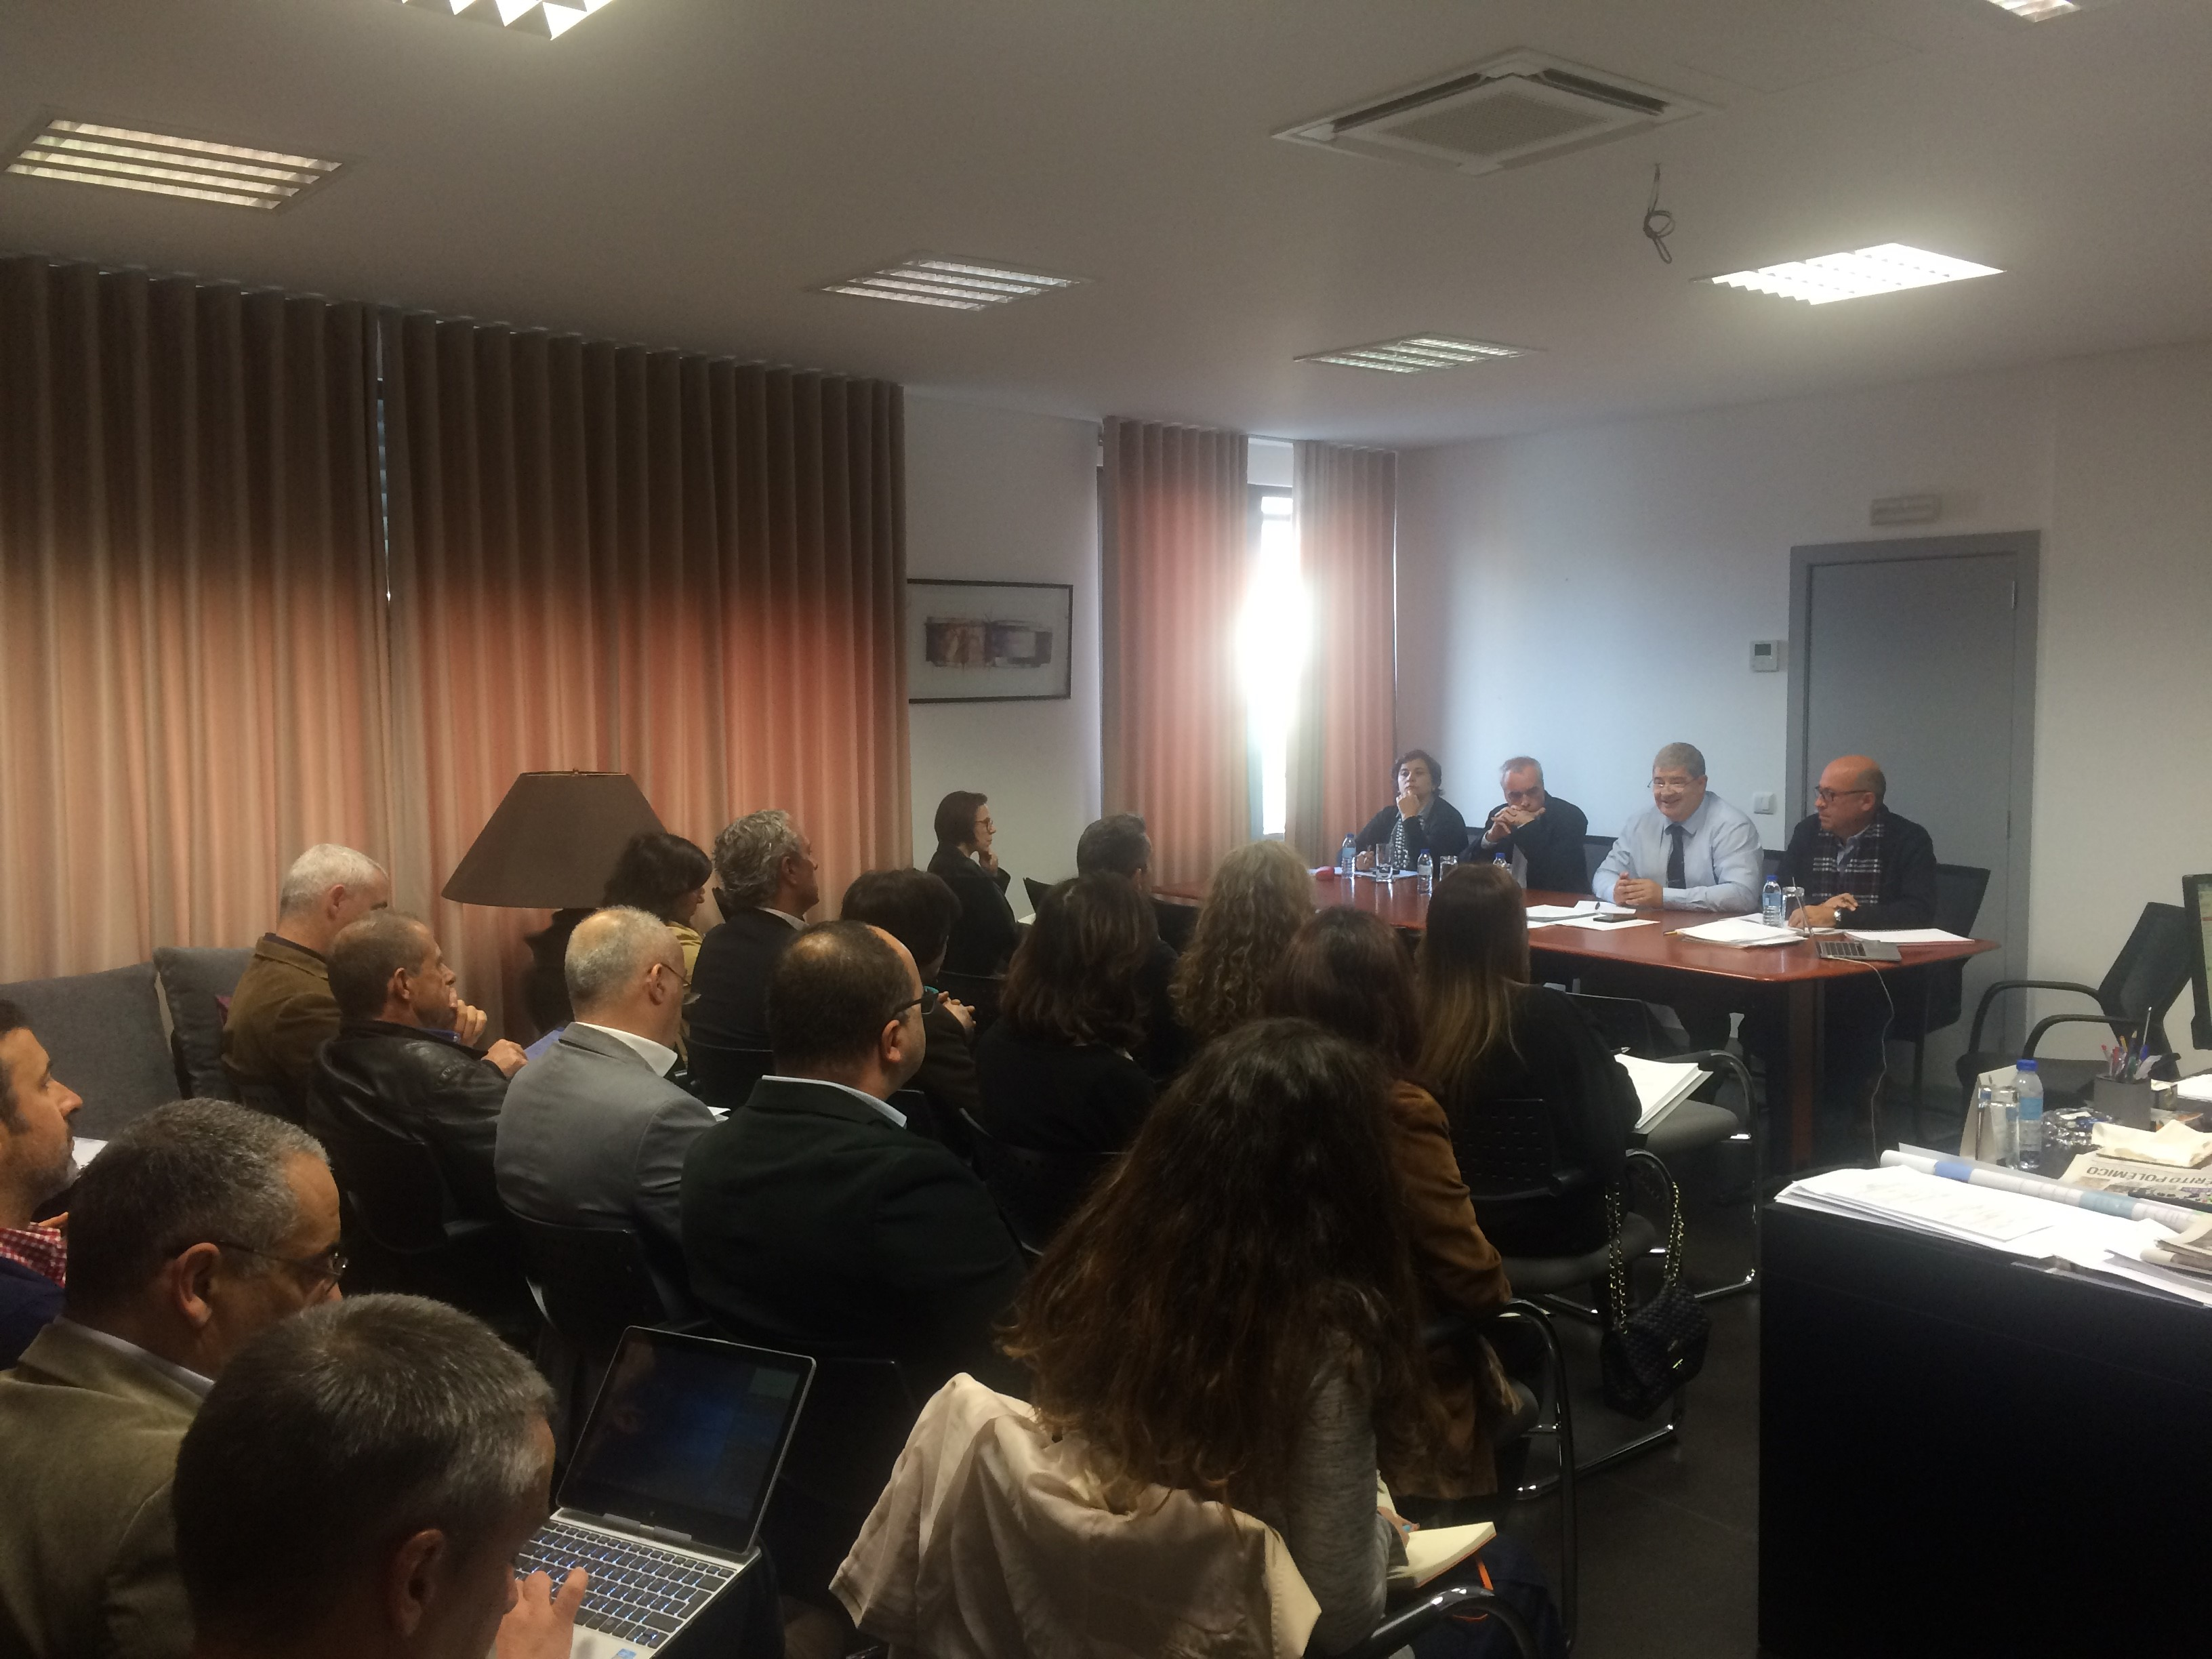 Conselho de Saúde Mental prepara novo plano regional